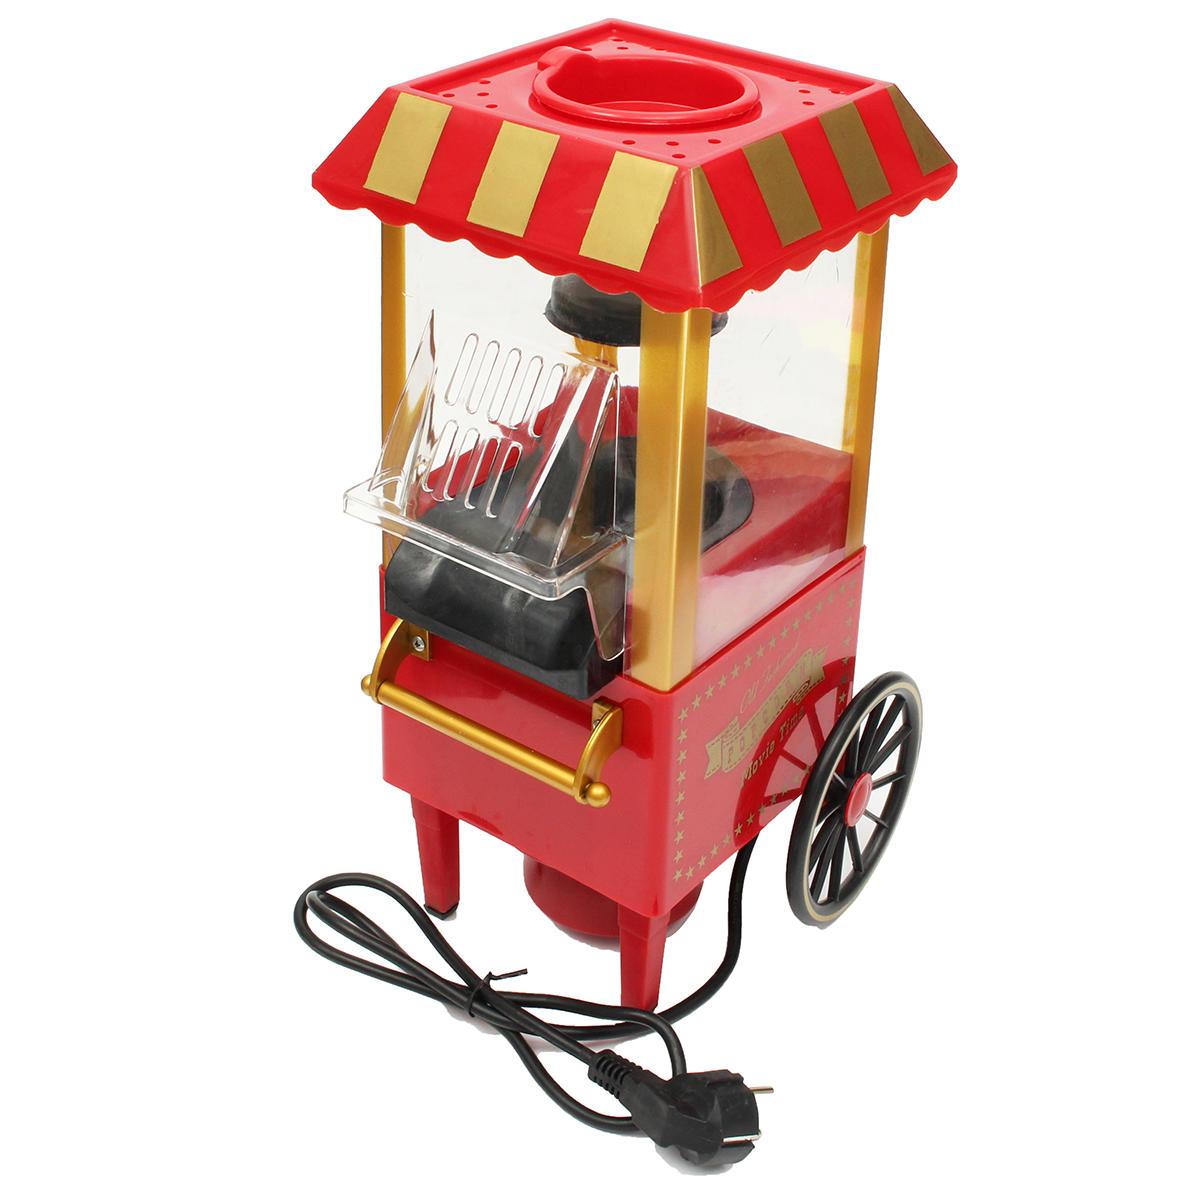 220V AB Fiş Gerilimi Retro Elektrikli Patlamış Mısır Makinesi Popper Makinesi Ev Sahipliği Karnavalı Mutfak Aleti